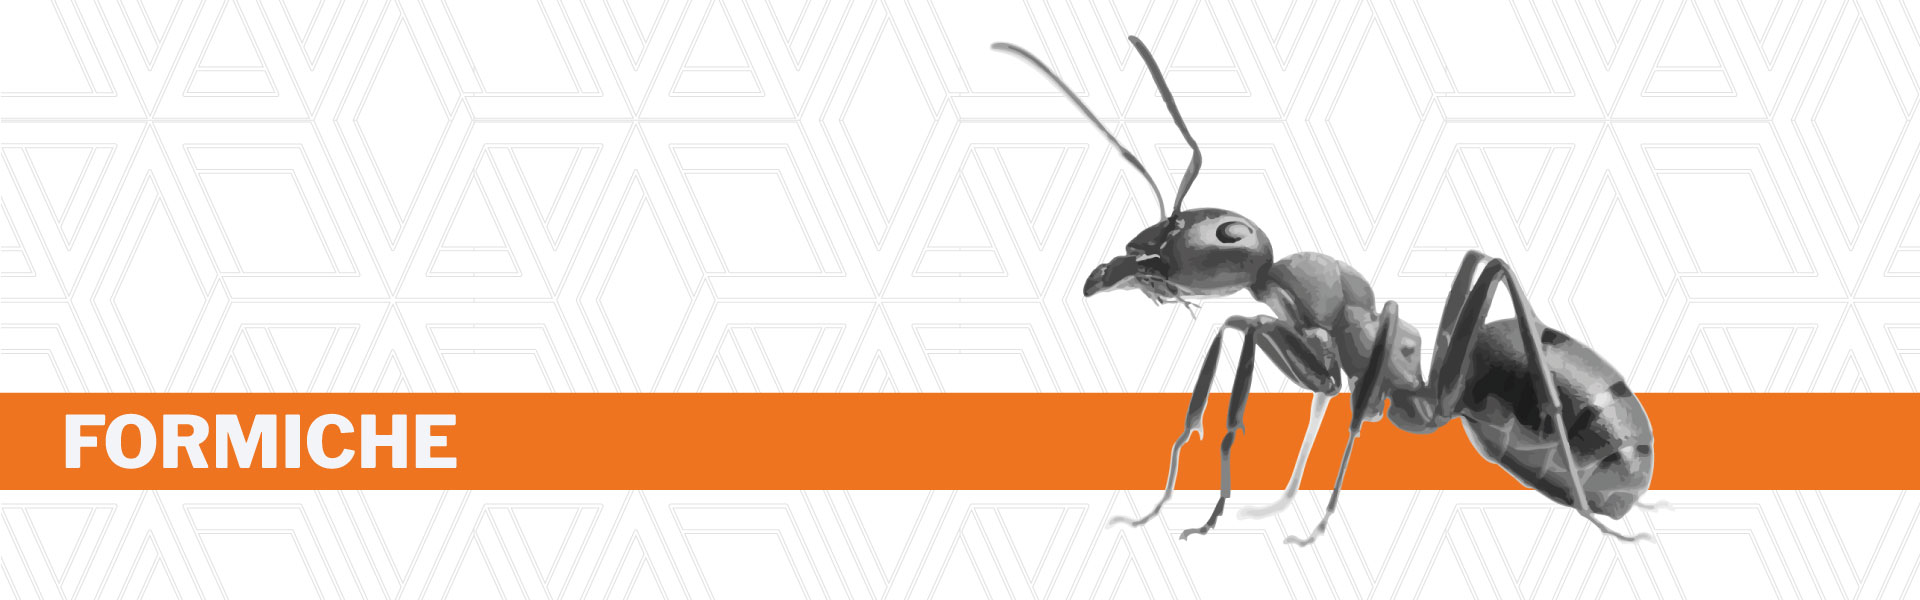 Disinfestazione formiche Urania srl